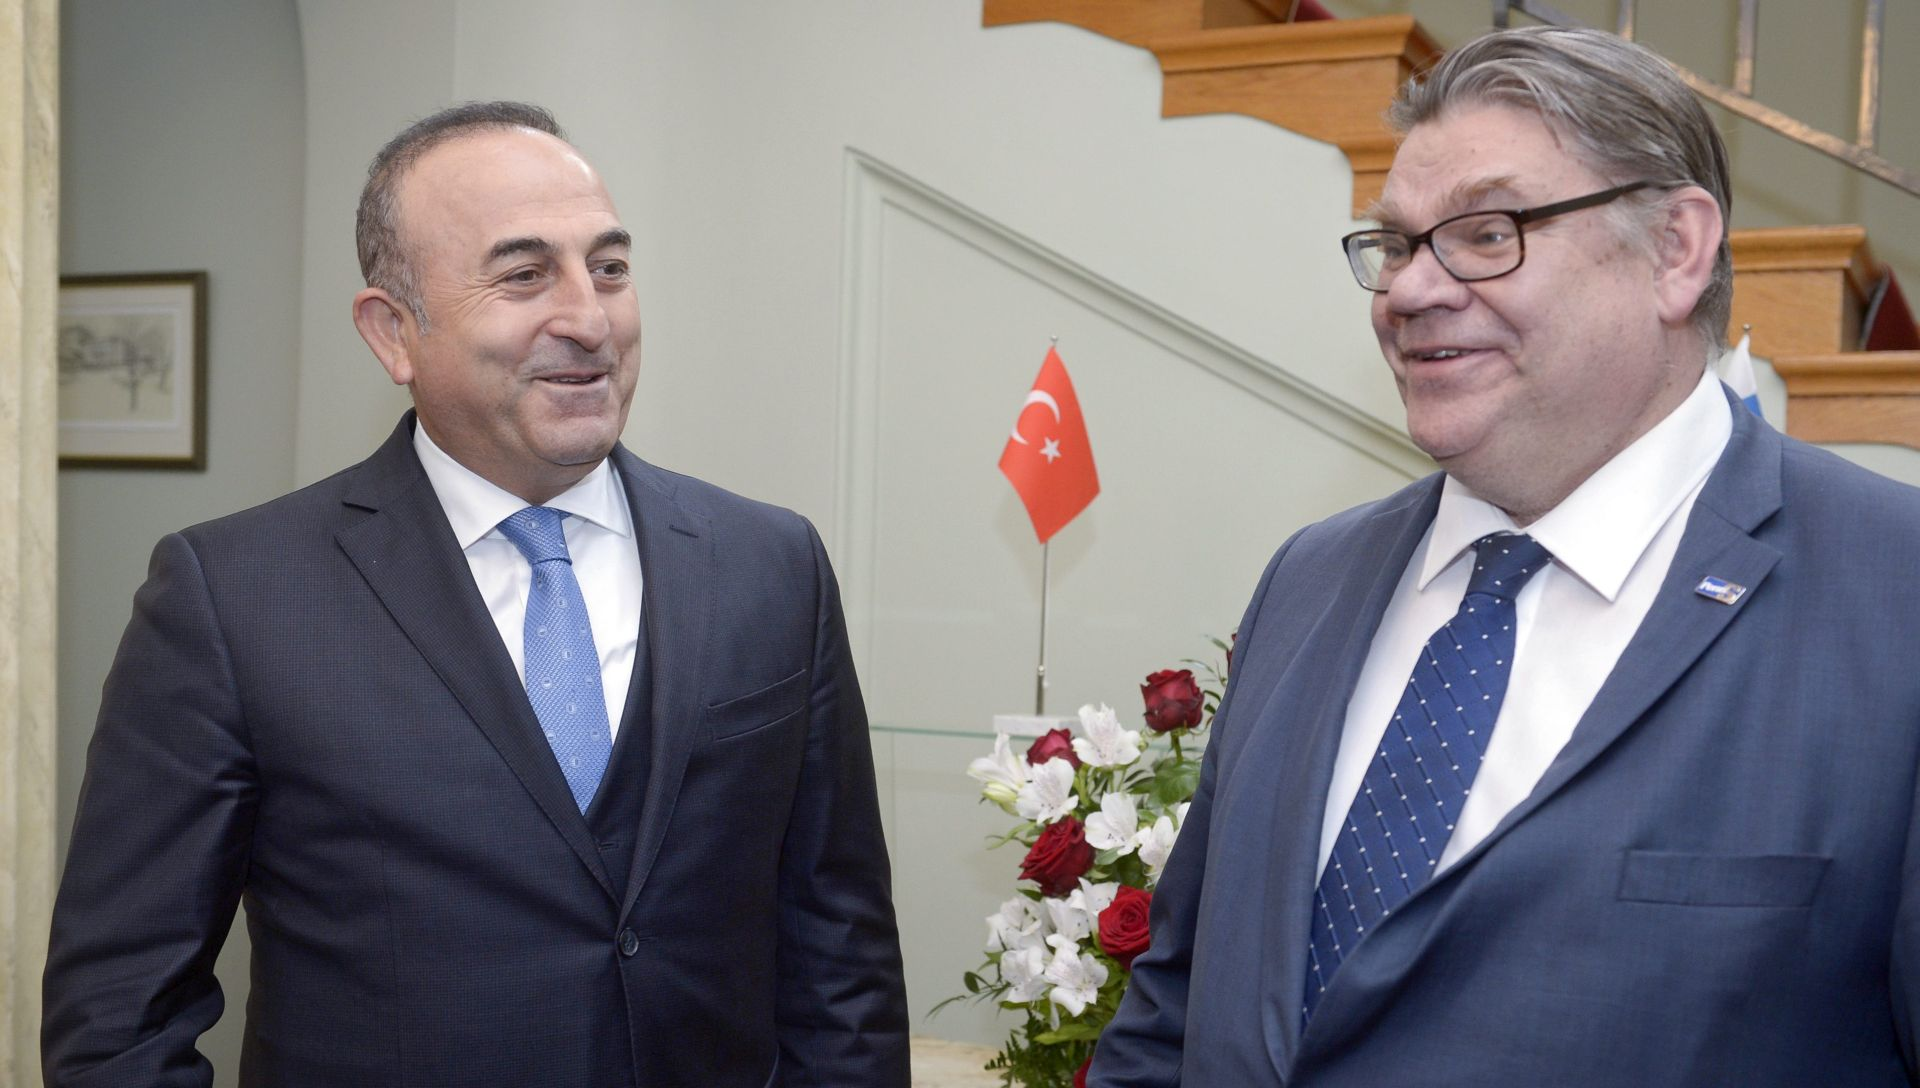 Cavusoglu: Normalizacija tursko-izraelskih odnosa ovisi o Izraelu